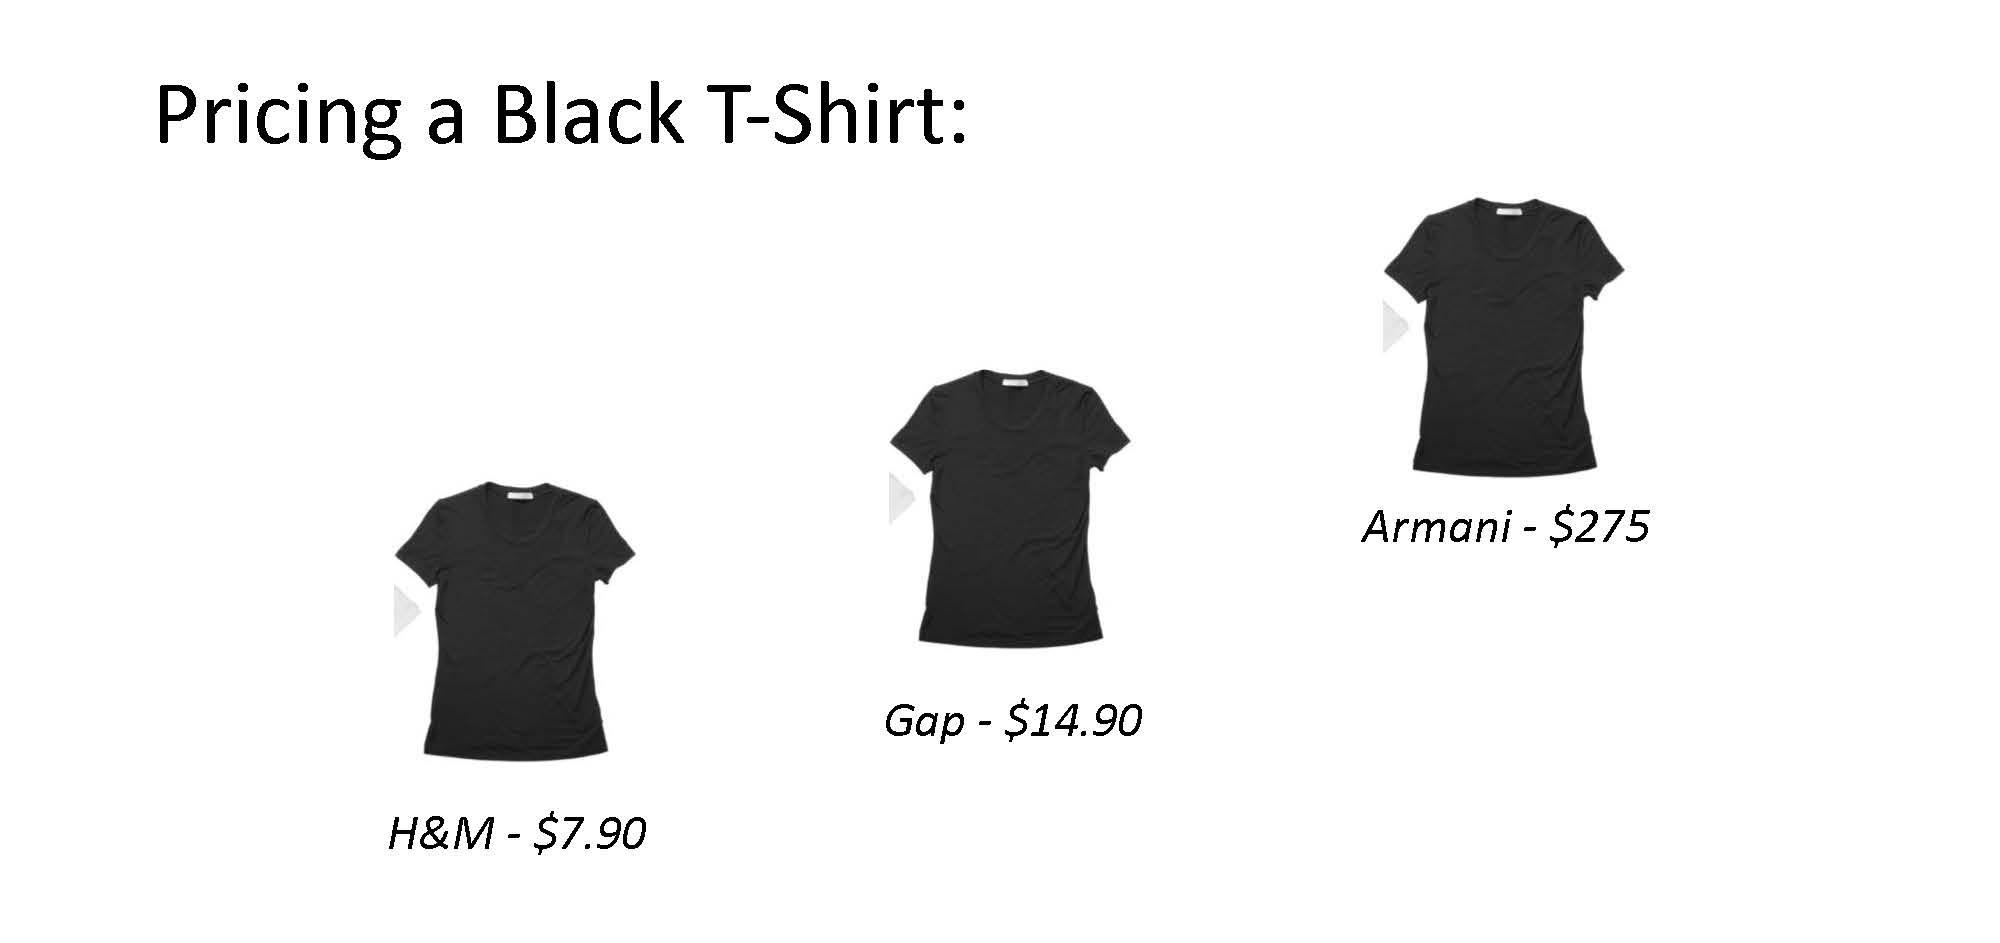 Pricing a Black T-Shirt